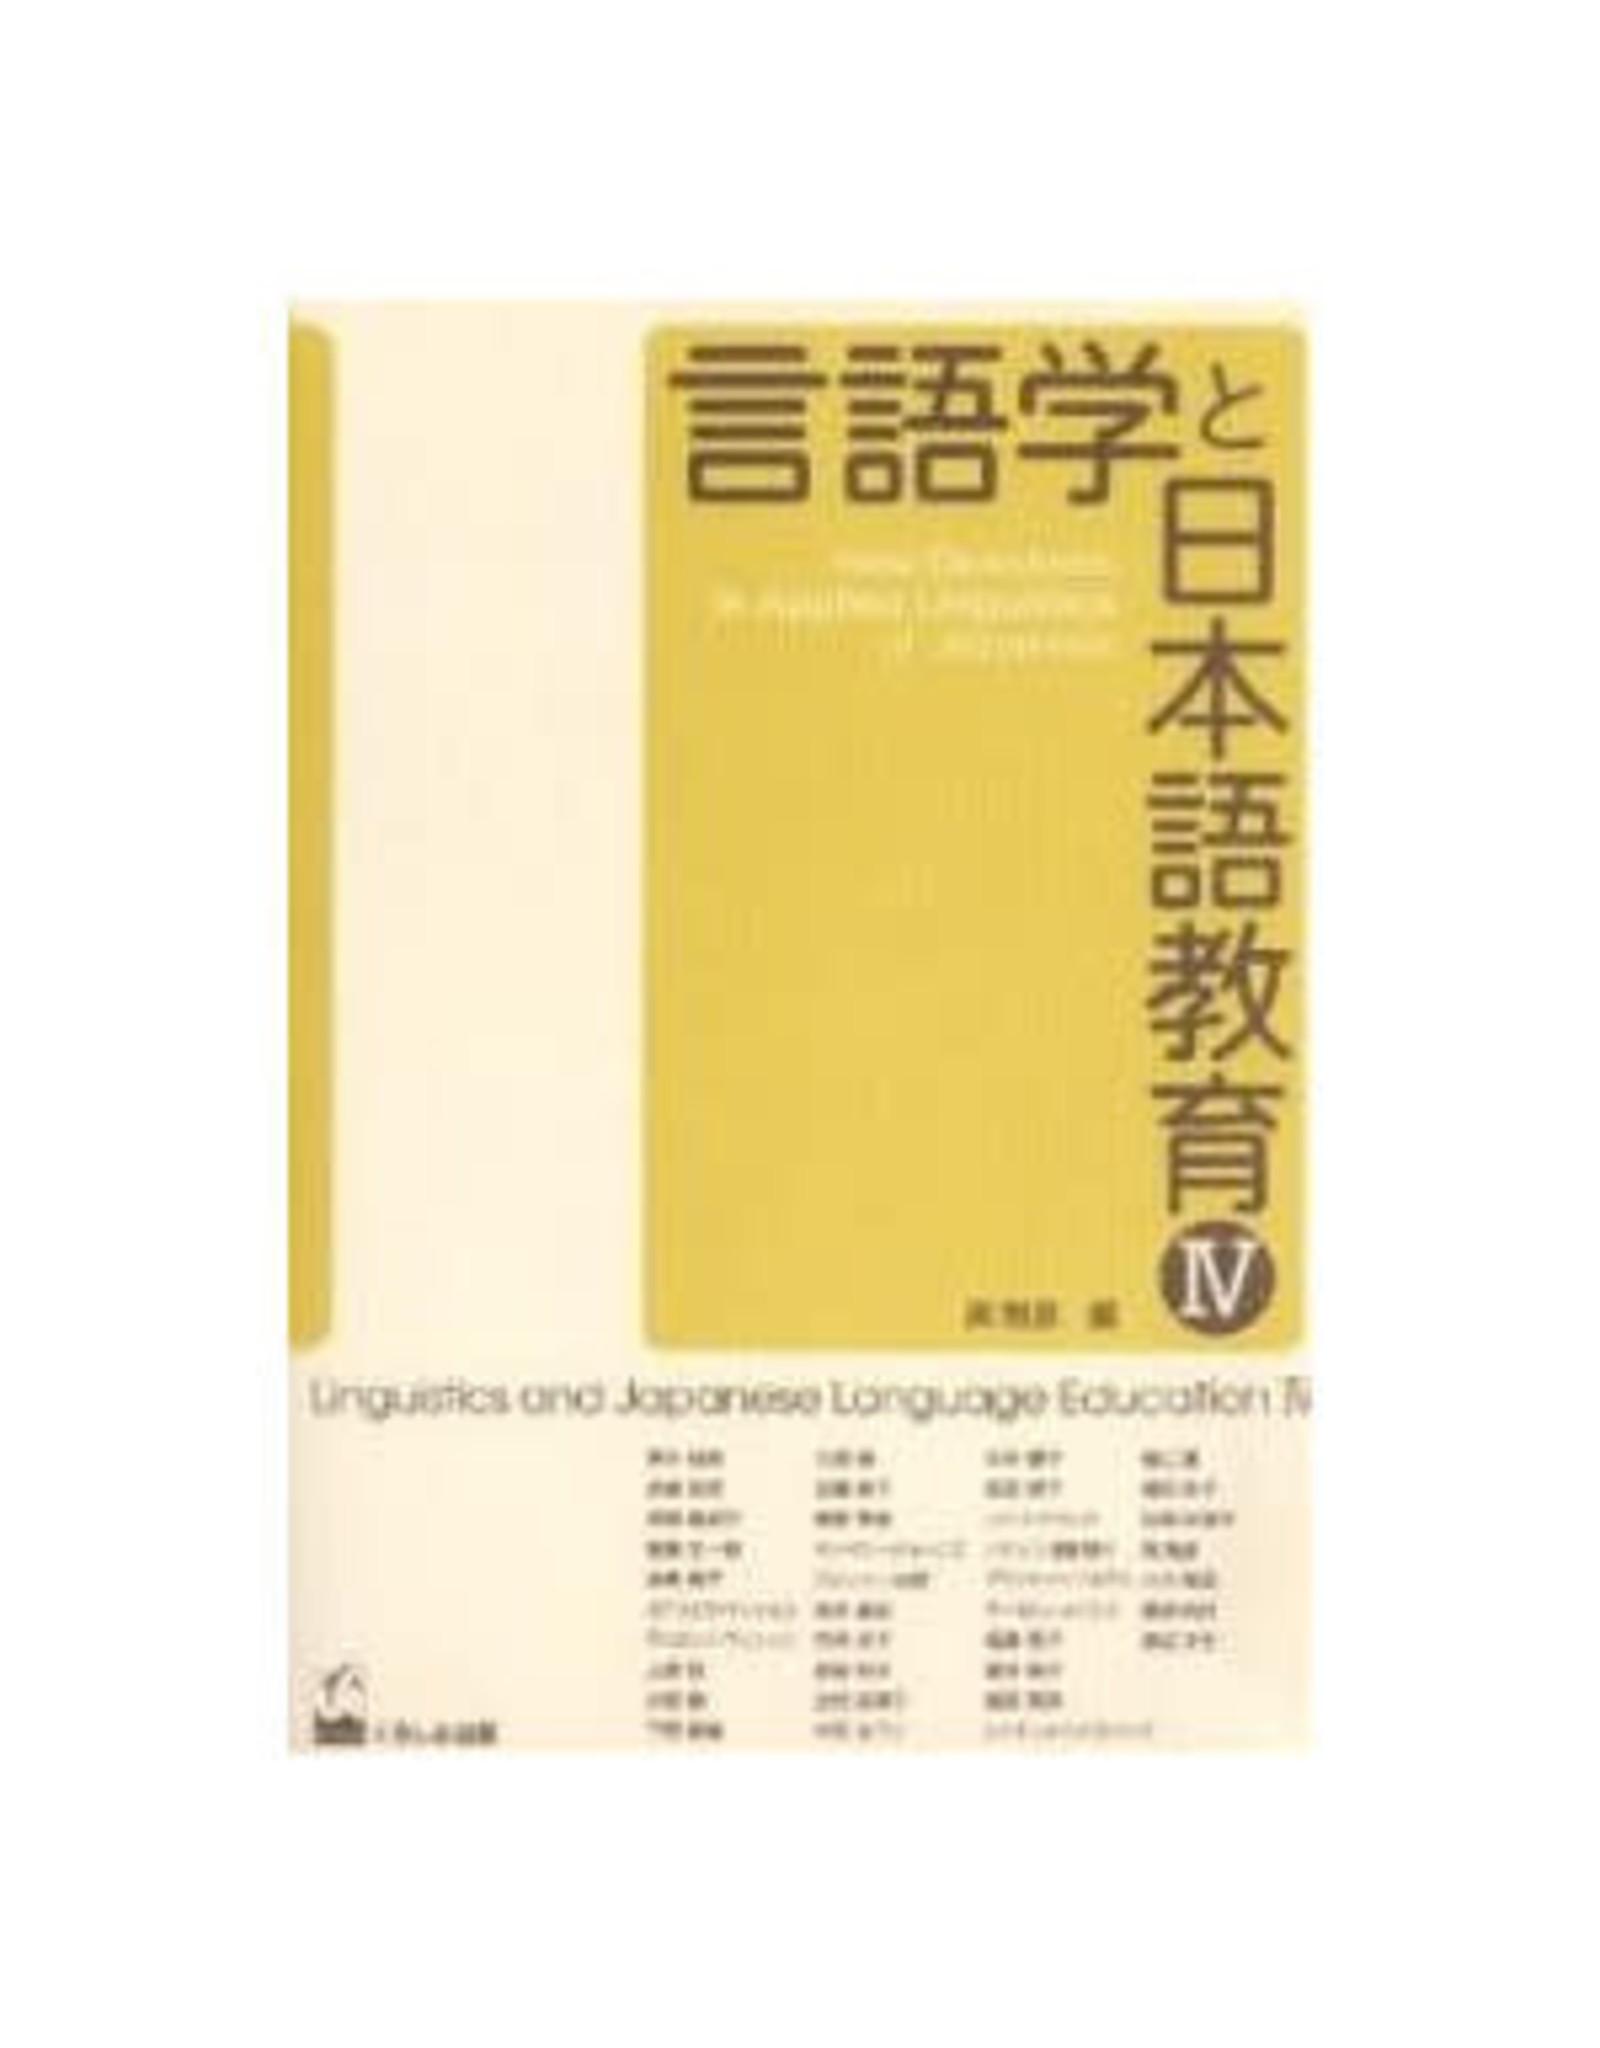 KUROSHIO GENGO GAKU TO NIHONGO KYOIKU 4